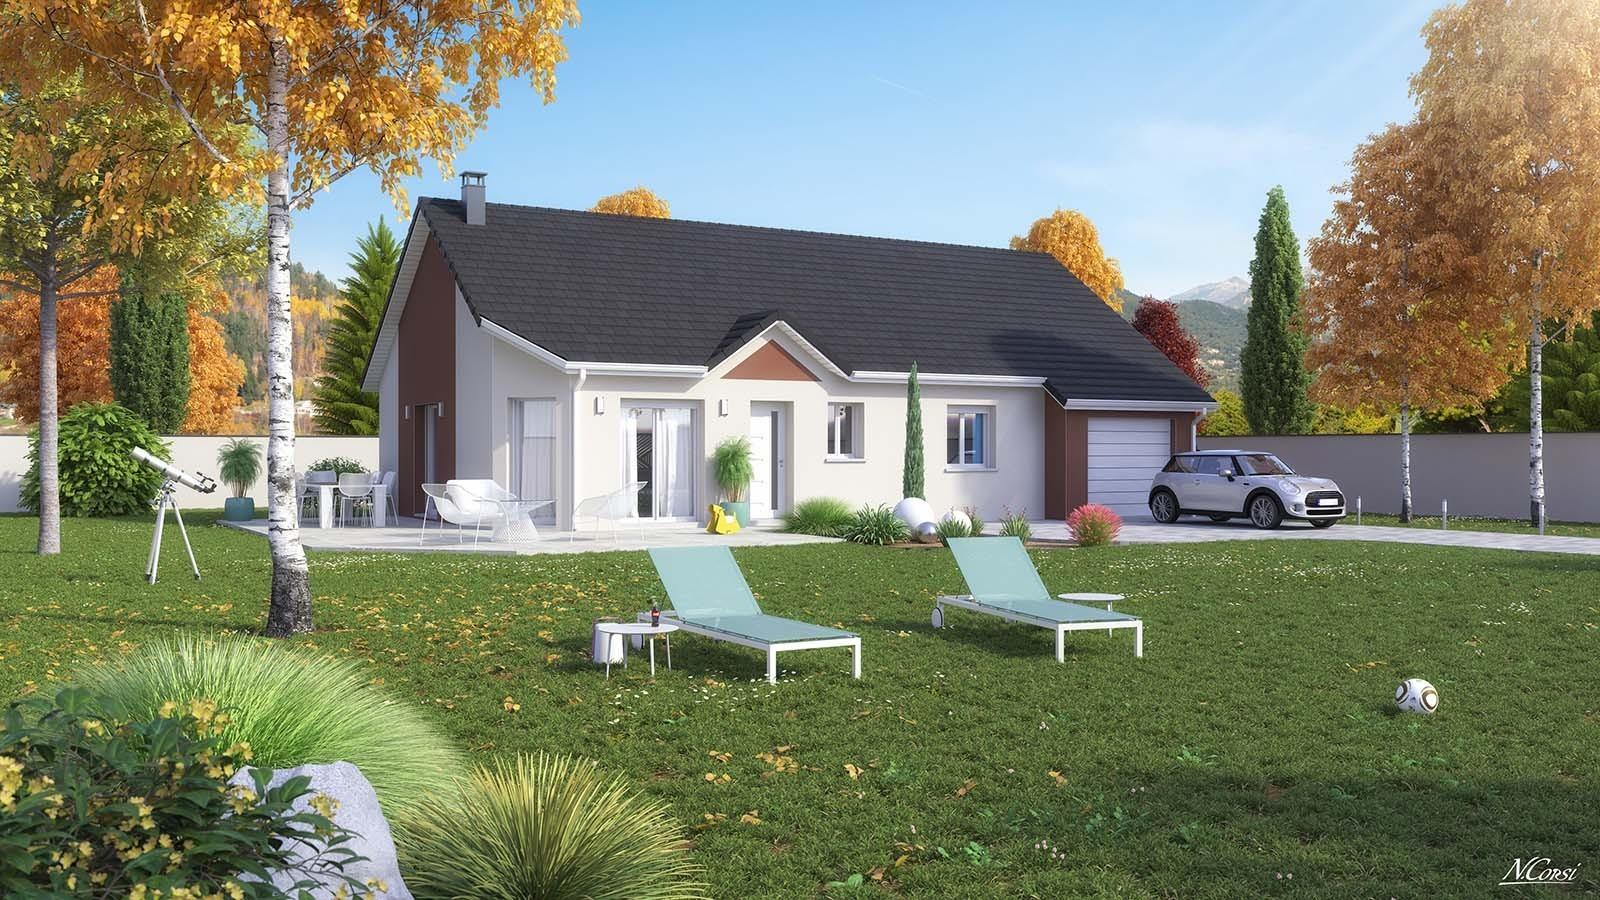 Maisons optimal constructeur de maisons individuelles dans le doubs et le jura for Maisons individuelles